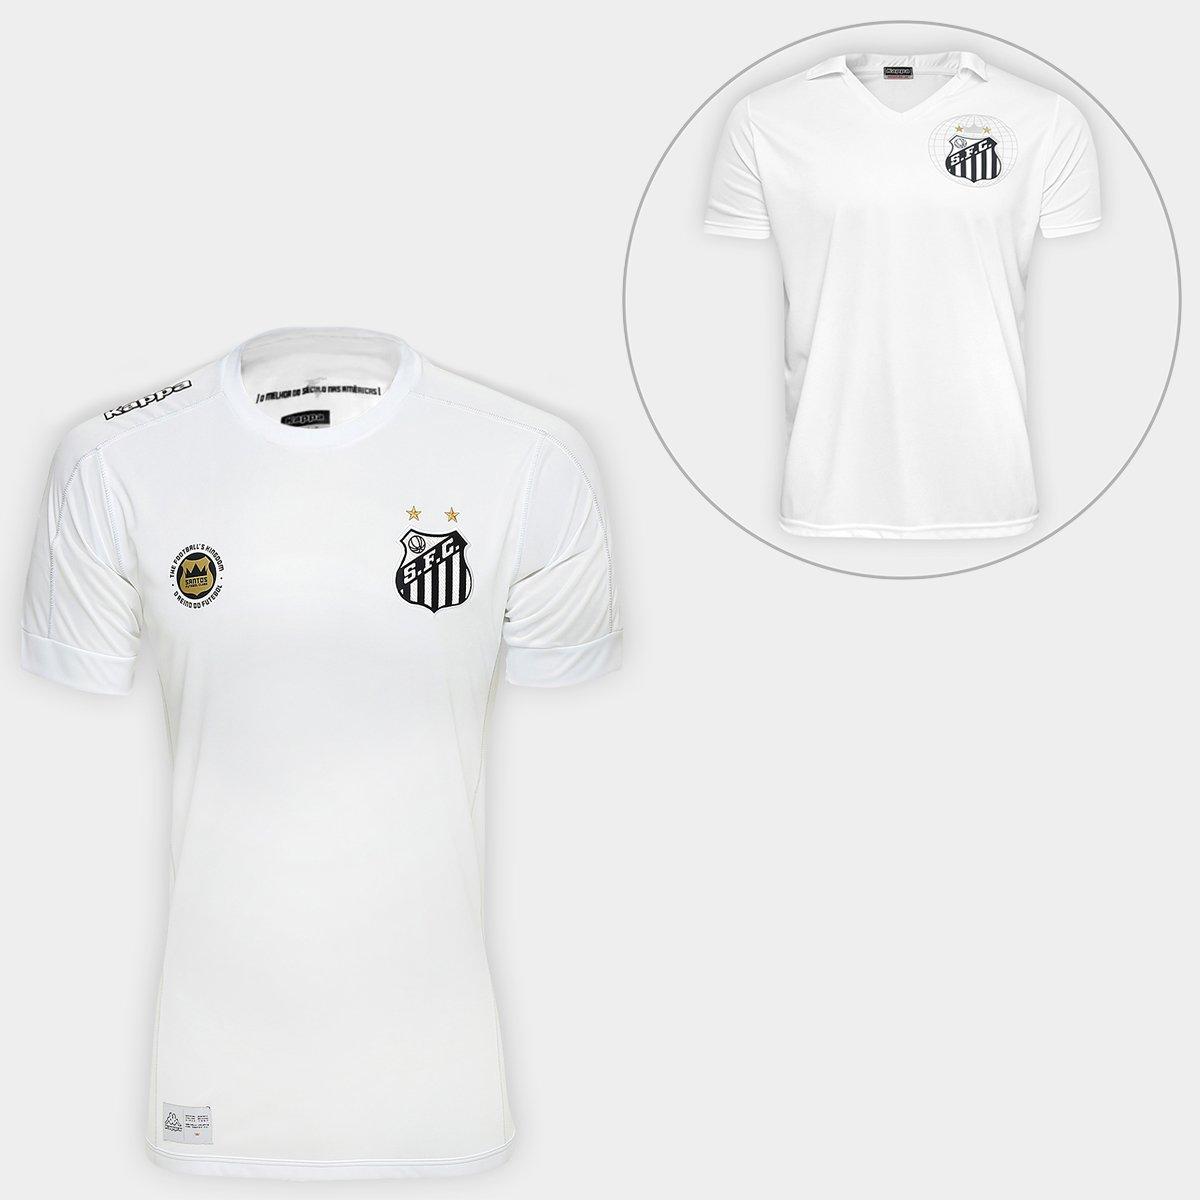 Super Kit Santos - Camisa Santos I 17 18 s nº Torcedor Kappa + Camisa  Santos 2010 s nº Masculina - Compre Agora  4699dfbab15d4